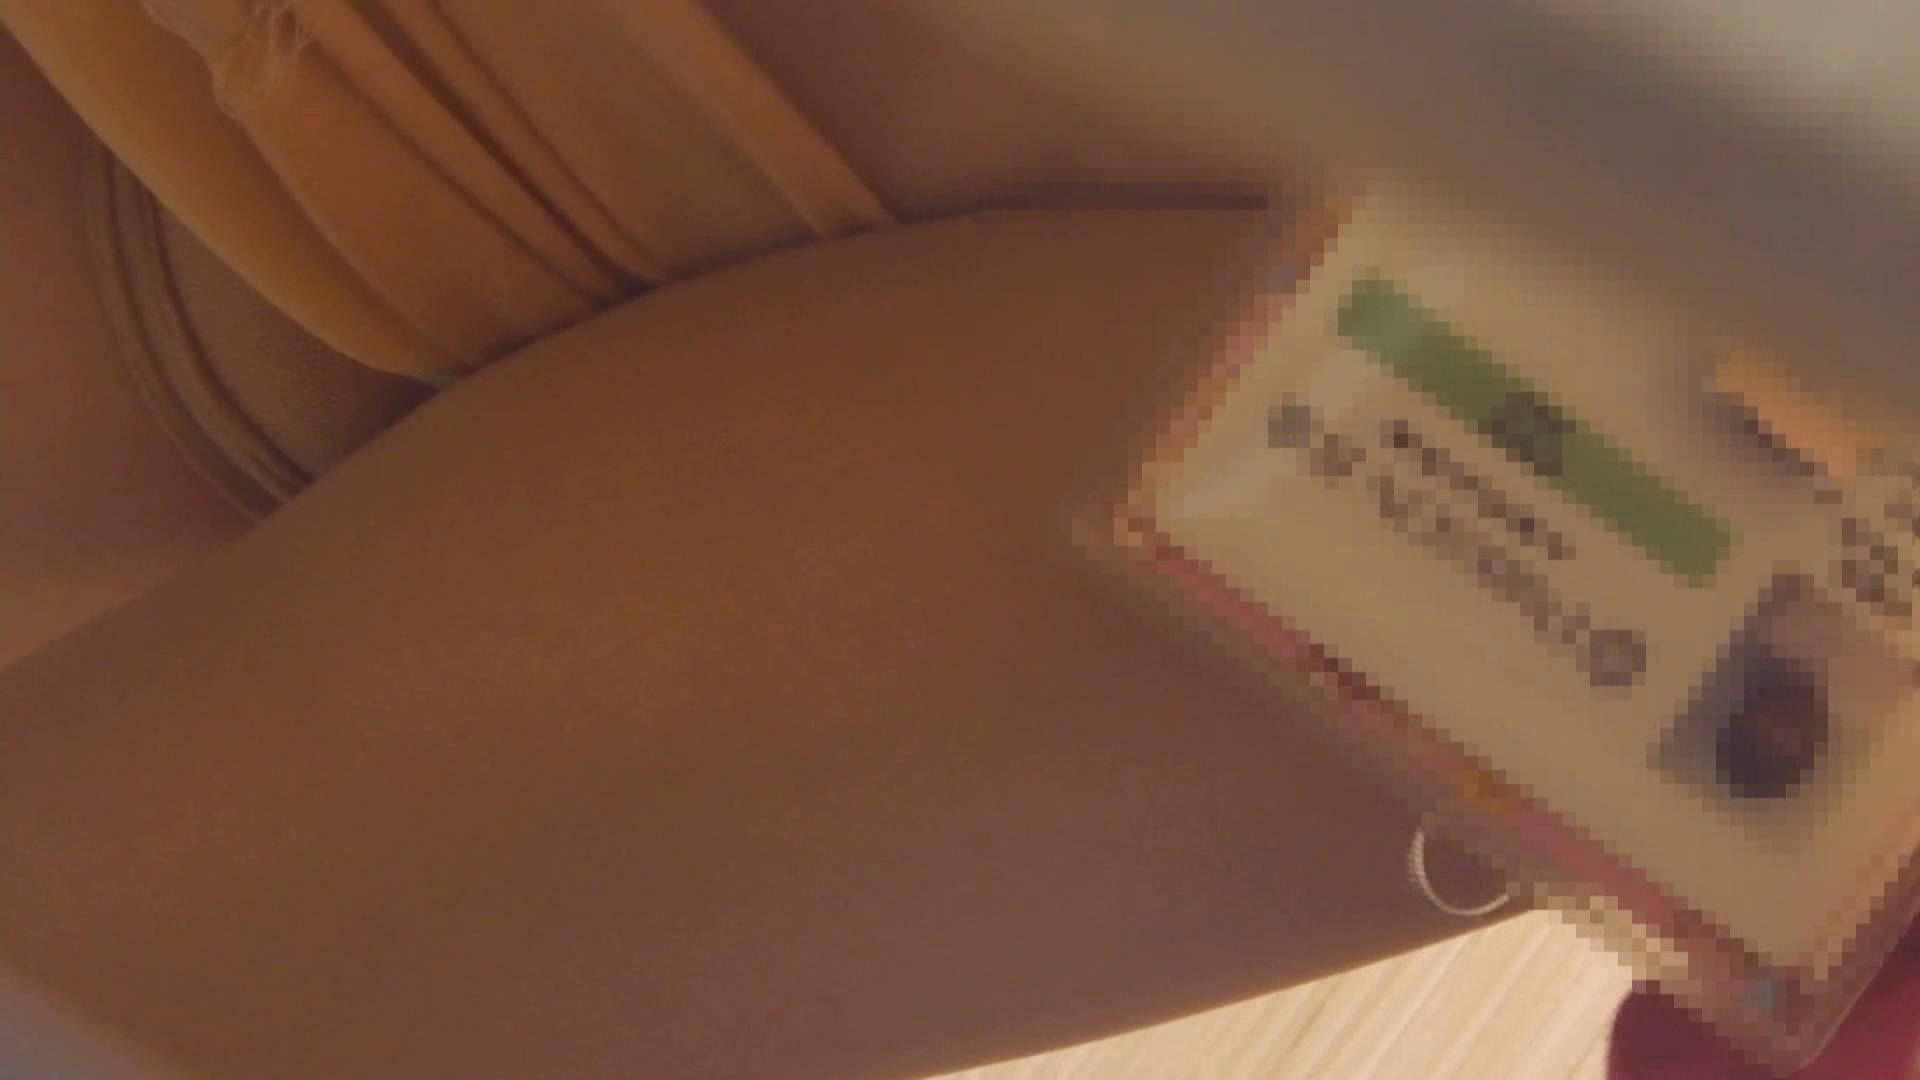 阿国ちゃんの「和式洋式七変化」No.16 高画質 濡れ場動画紹介 102枚 2